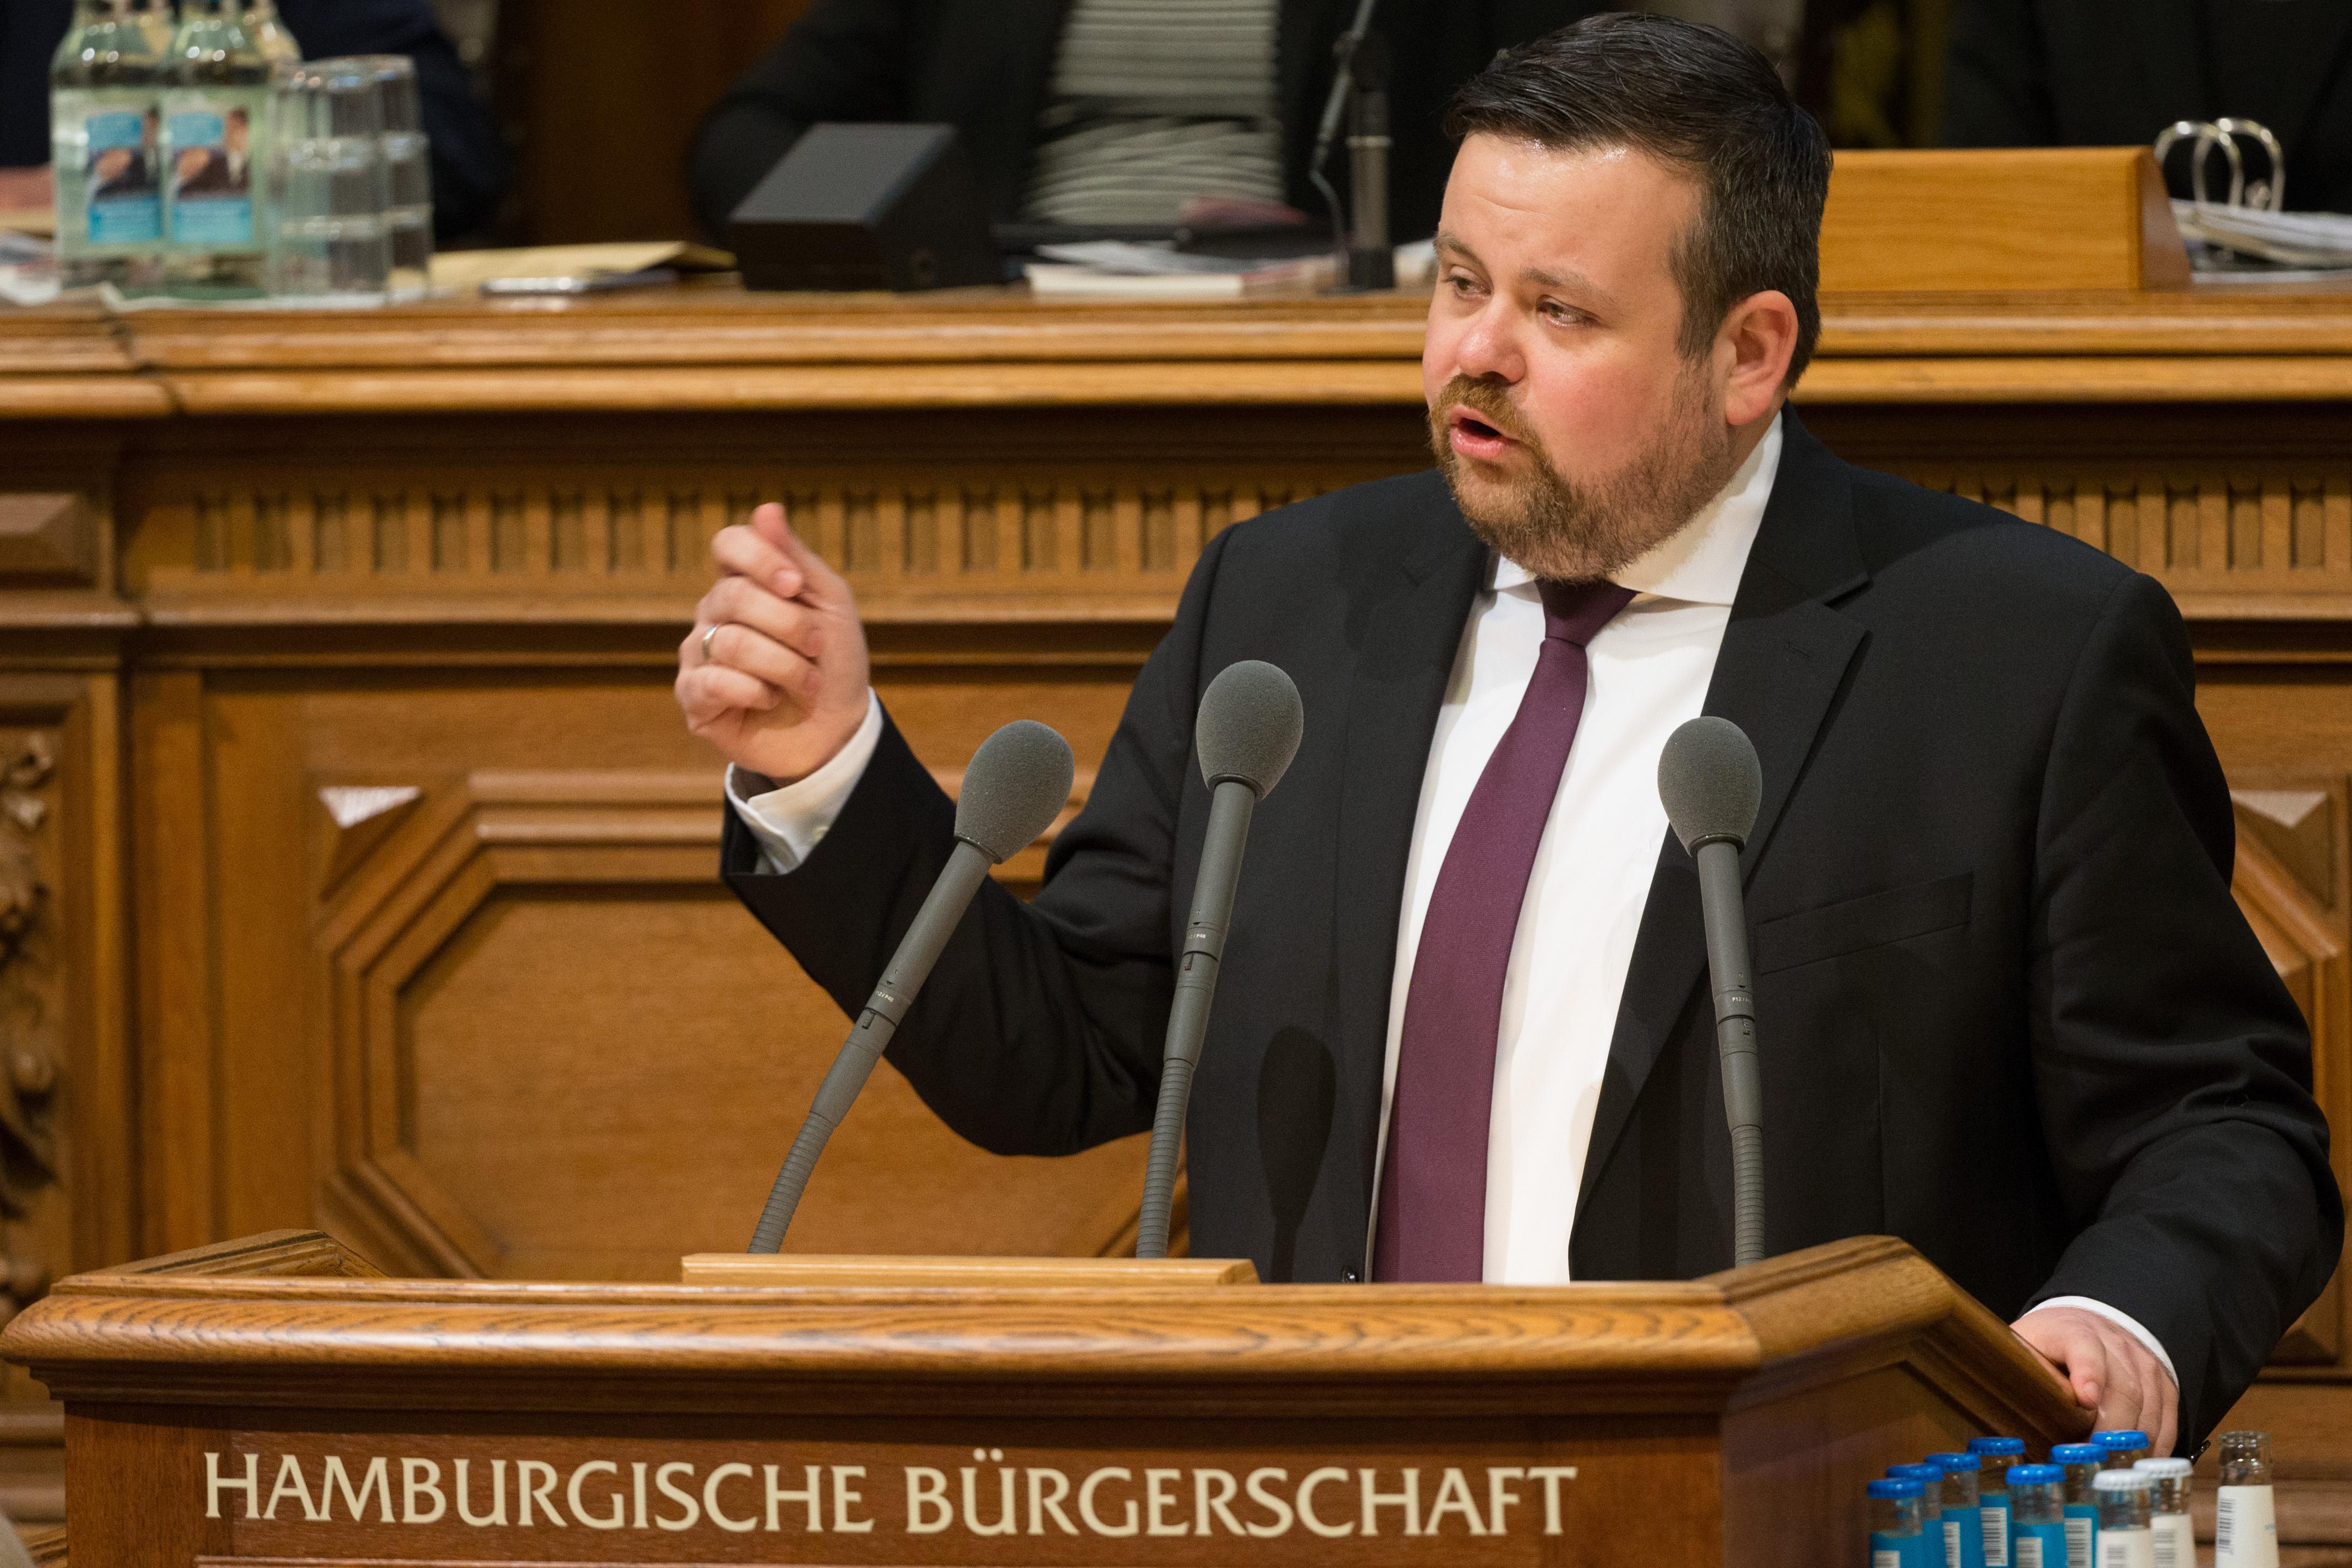 partnersuche hamburg kostenlos Duisburg